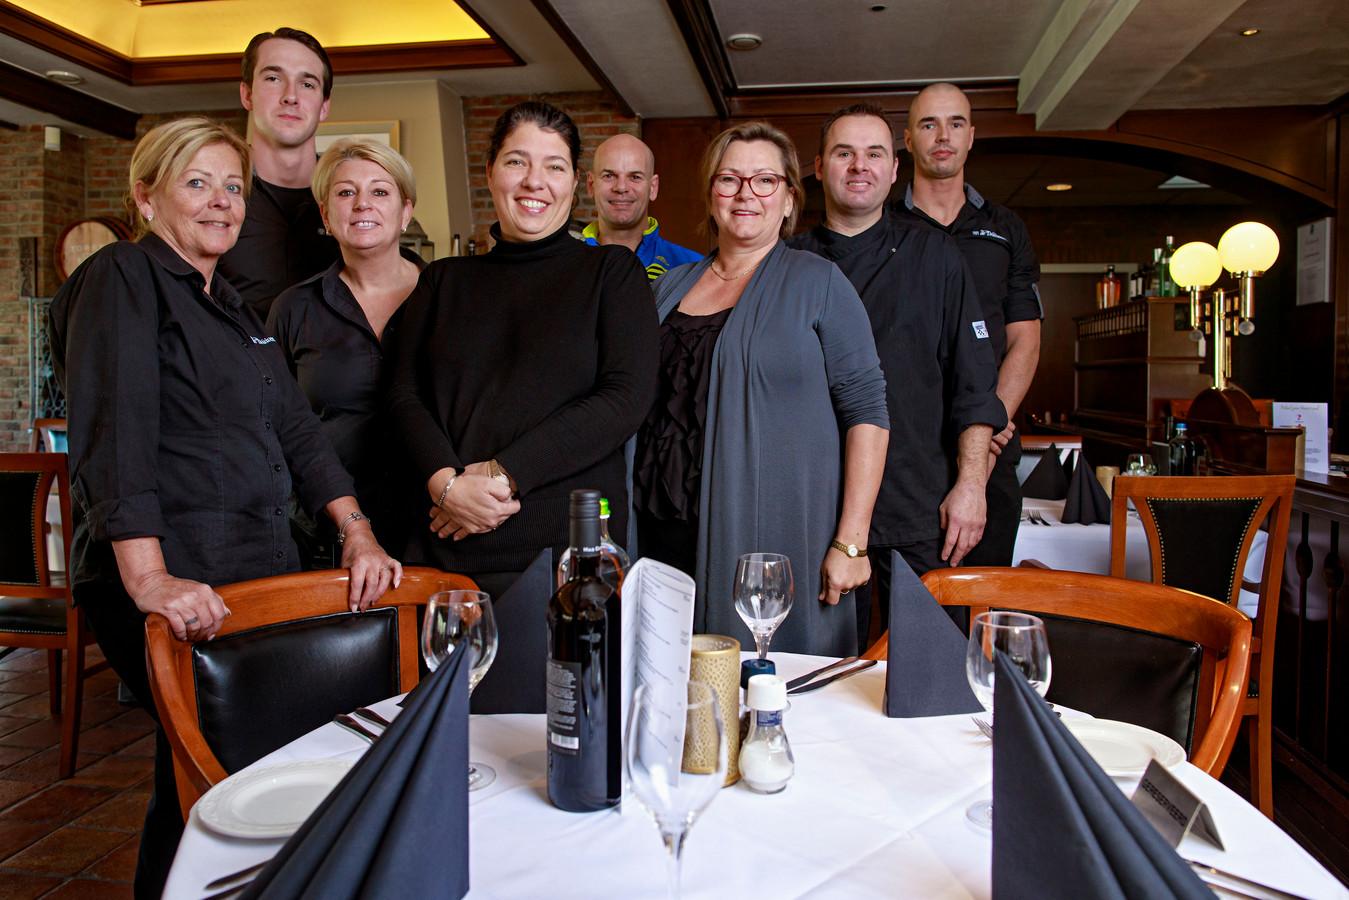 Het personeel van De Druiventros, met in het midden voorop Janny.